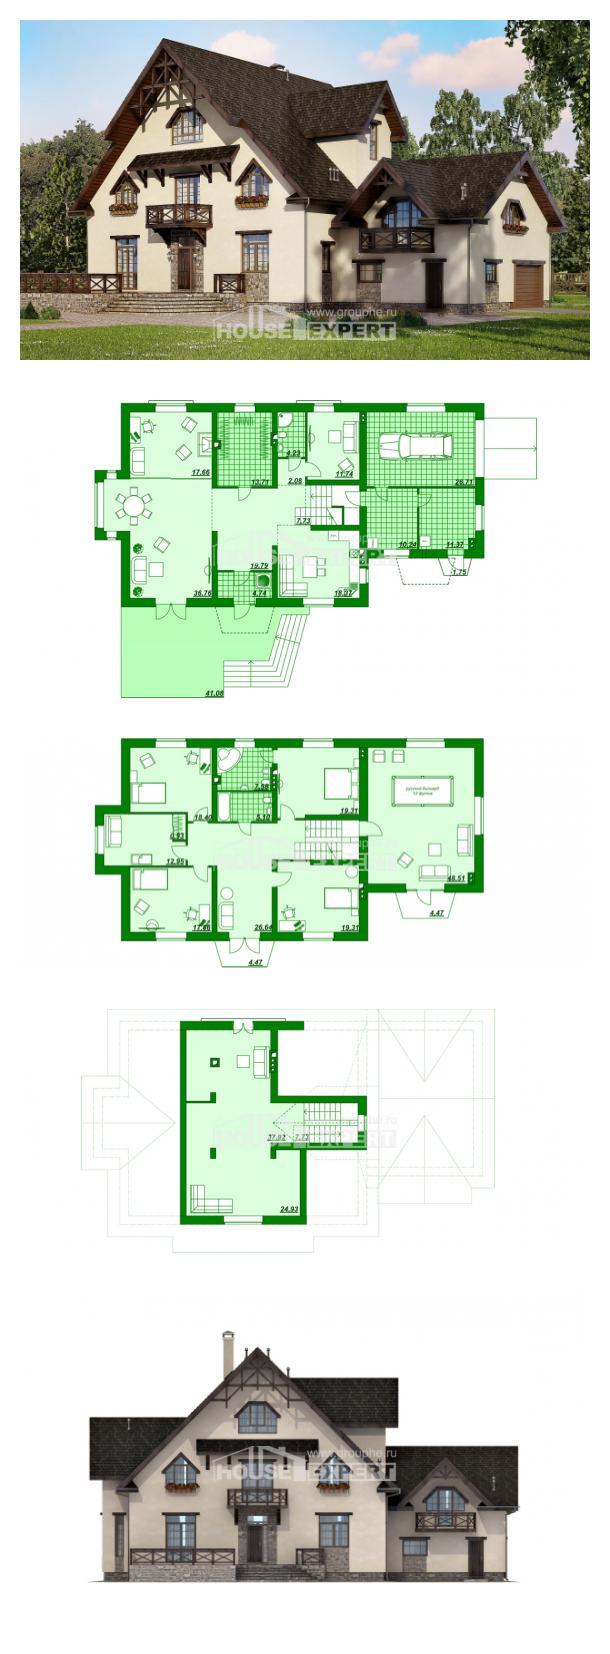 Проект дома 435-002-П | House Expert